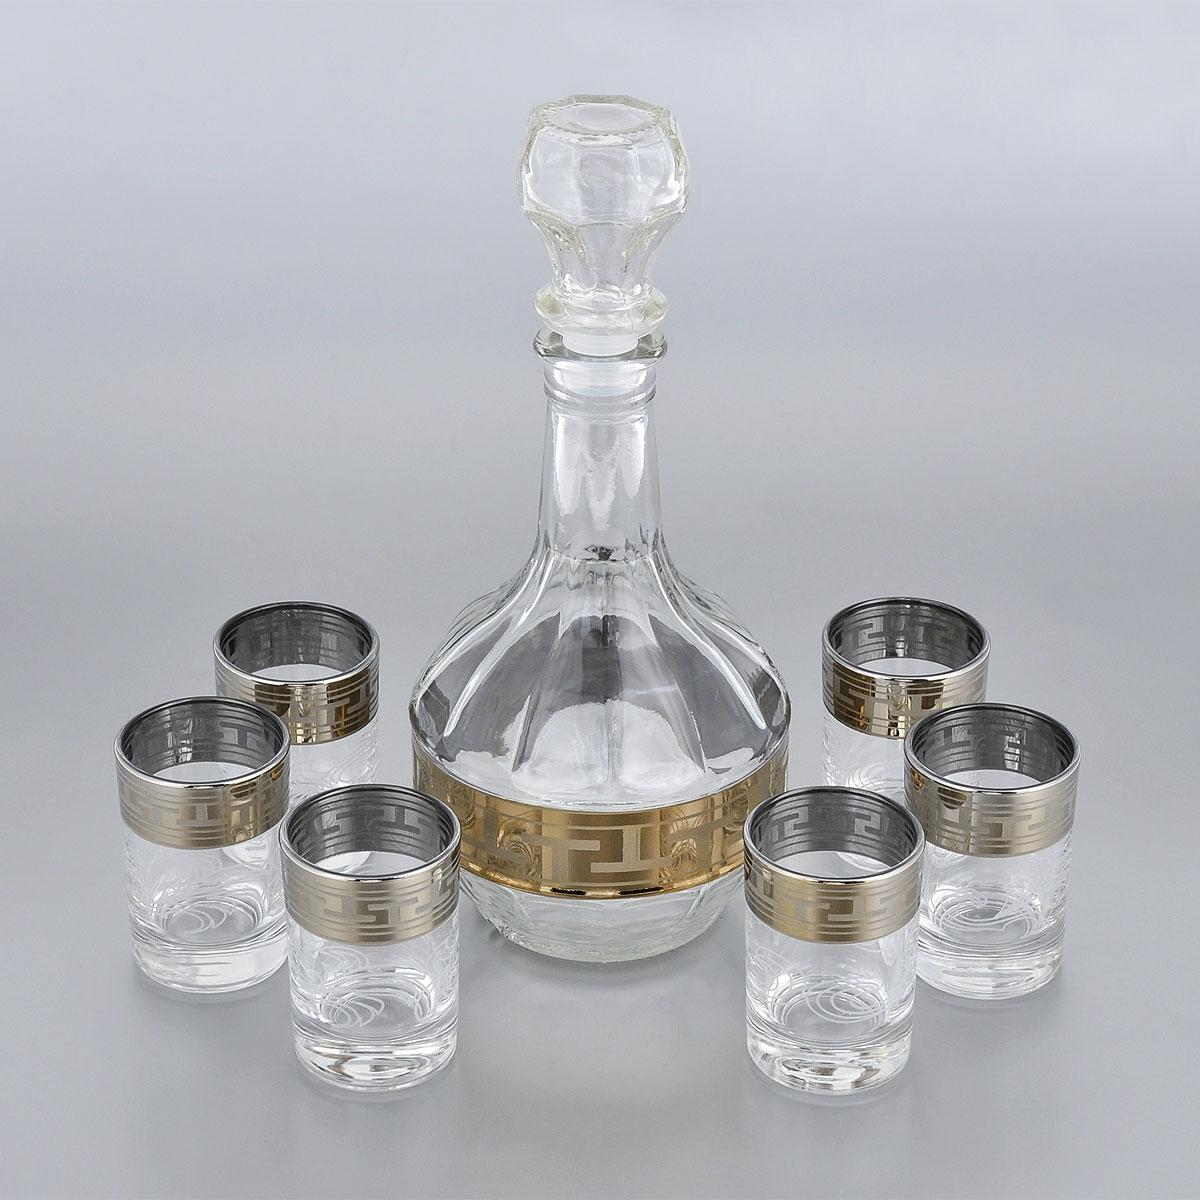 Набор стопок Гусь-Хрустальный Греческий узор, с графином, 7 предметовGE01-500/837Набор Гусь-Хрустальный Греческий узор состоит из шести стопок и графина, изготовленных из прочного натрий-кальций-силикатного стекла. Изделия, предназначенные для подачи водки и других спиртных напитков, несомненно придутся вам по душе. Рюмки и графин сочетают в себе элегантный дизайн и функциональность. Набор стопок Гусь-Хрустальный Греческий узор идеально подойдет для сервировки стола и станет отличным подарком к любому празднику. Диаметр стопки: 4,5 см. Высота стопки: 7 см. Объем стопки: 60 мл. Высота графина: 23,5 см. Объем графина: 500 мл. Уважаемые клиенты! Обращаем ваше внимание на незначительные изменения в дизайне товара, допускаемые производителем. Поставка осуществляется в зависимости от наличия на складе.